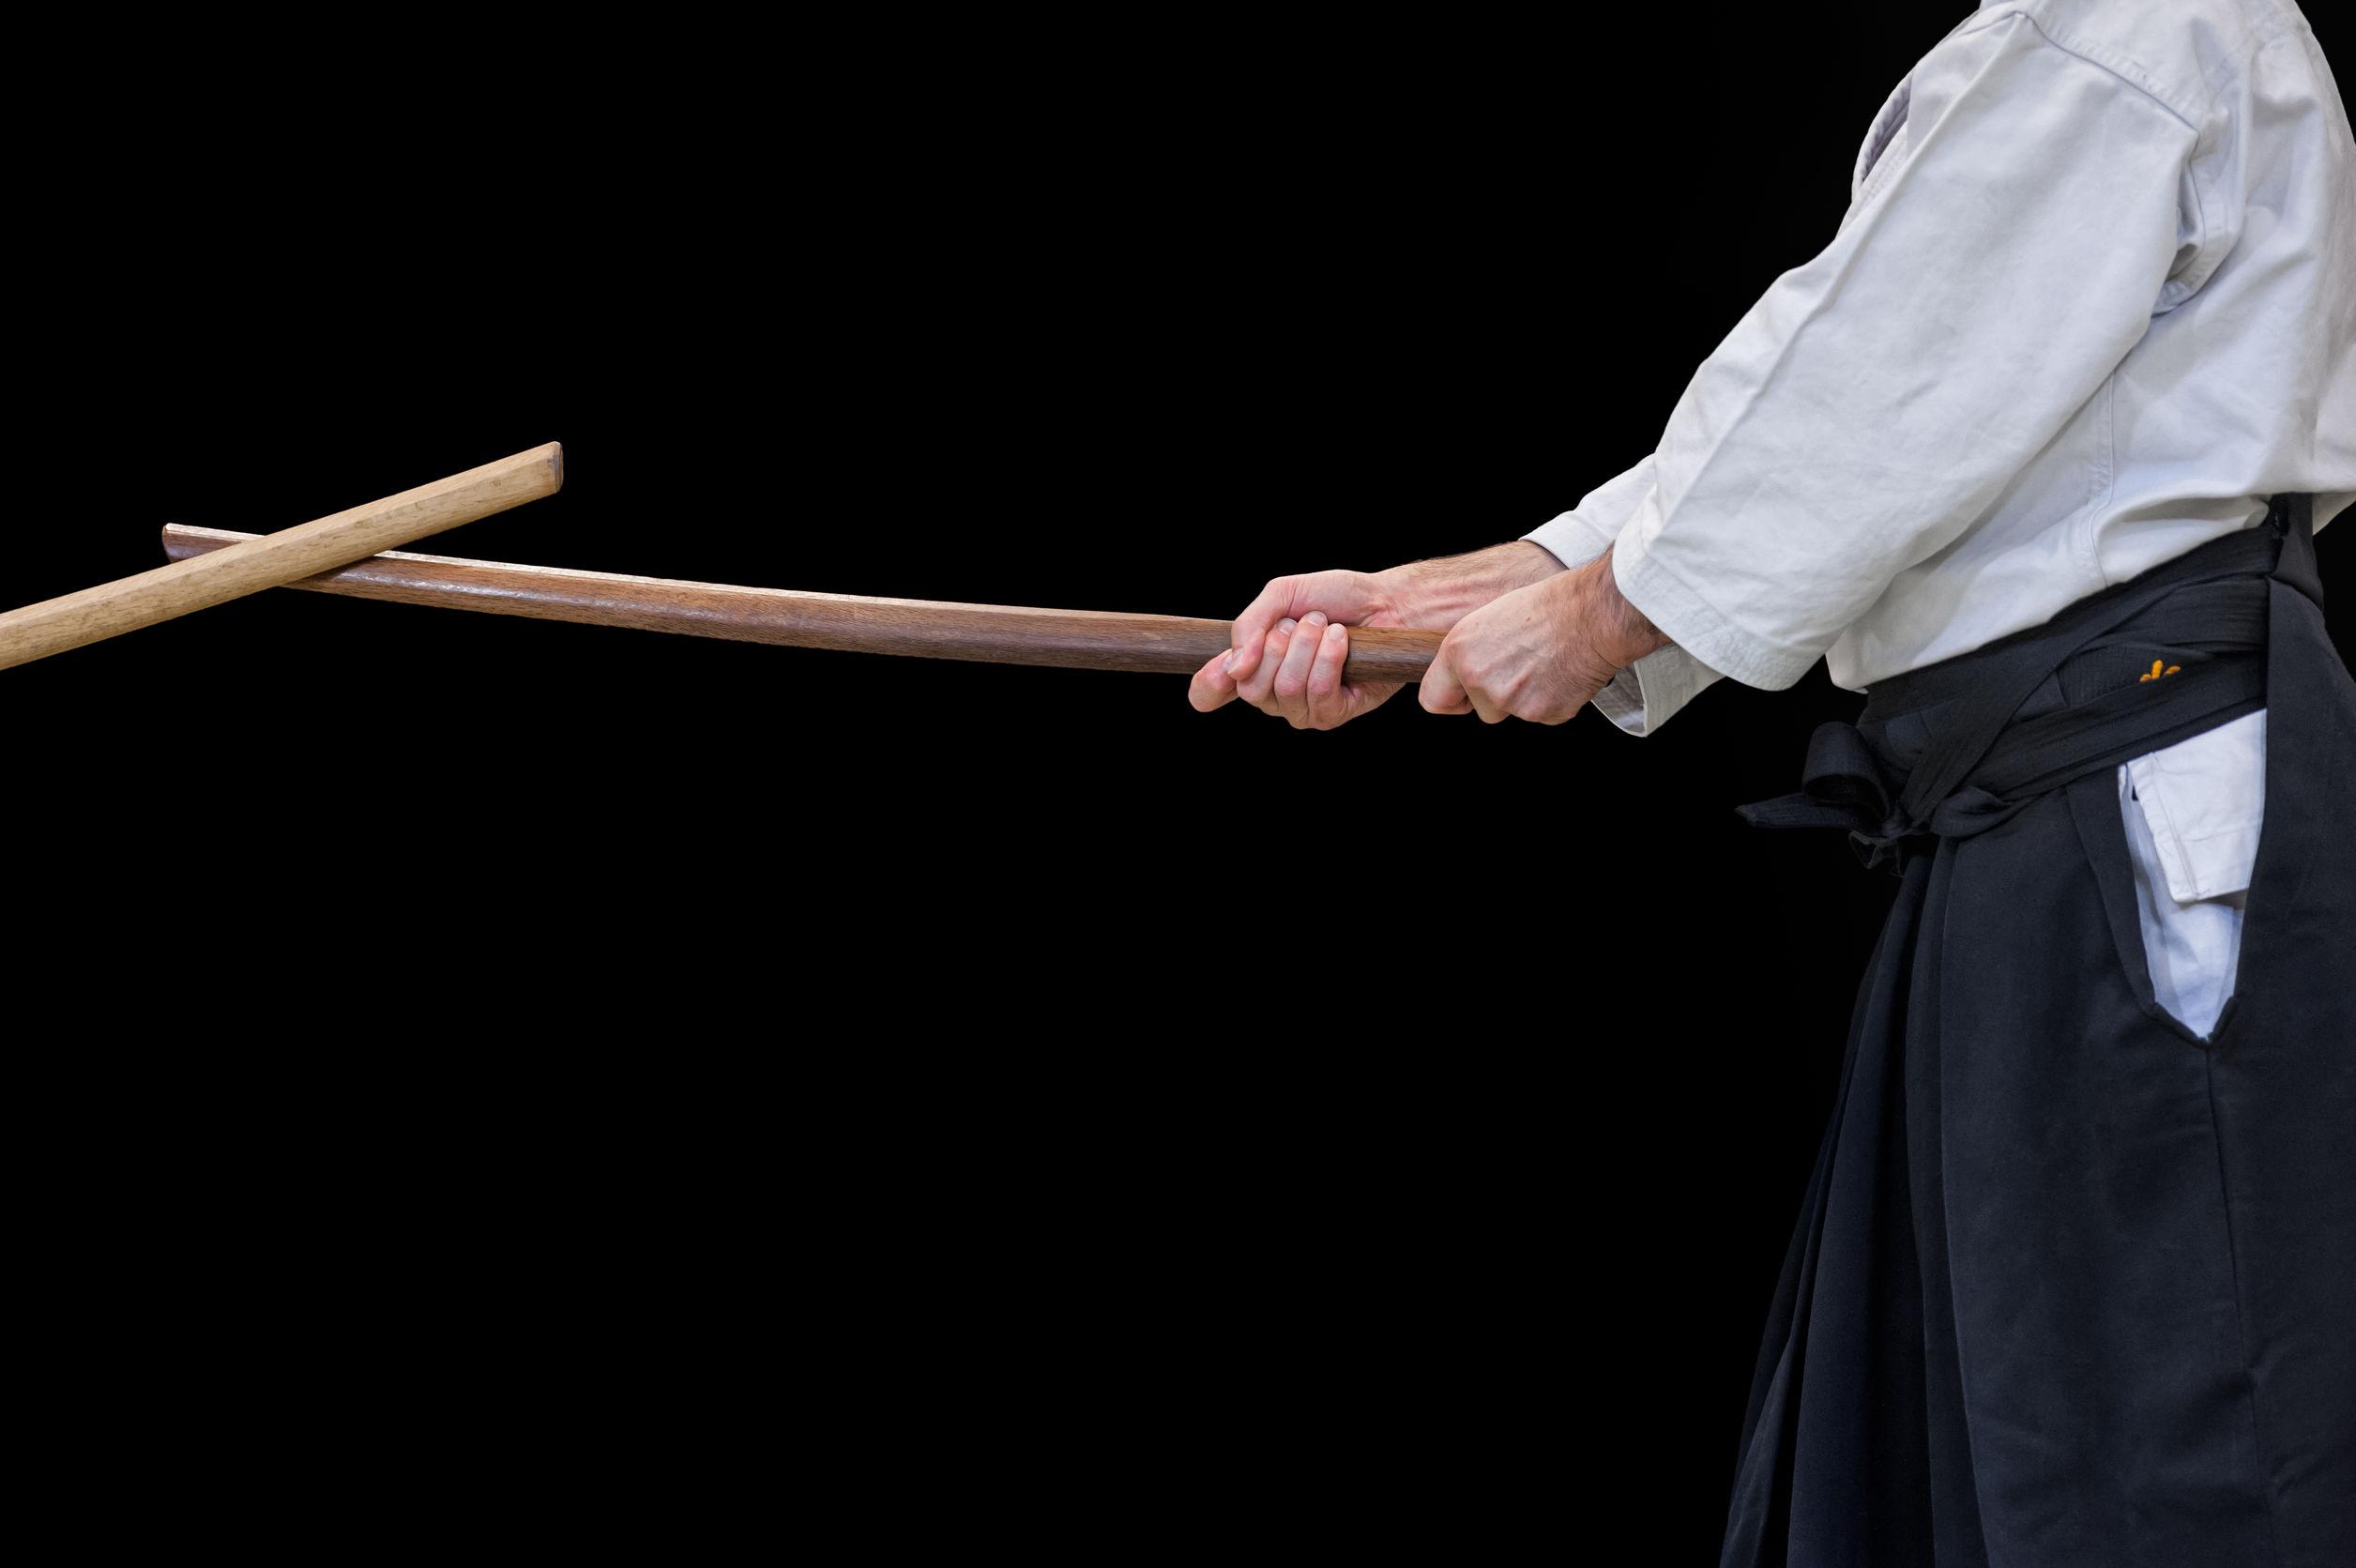 Dõmo arigatõ gozaimashita